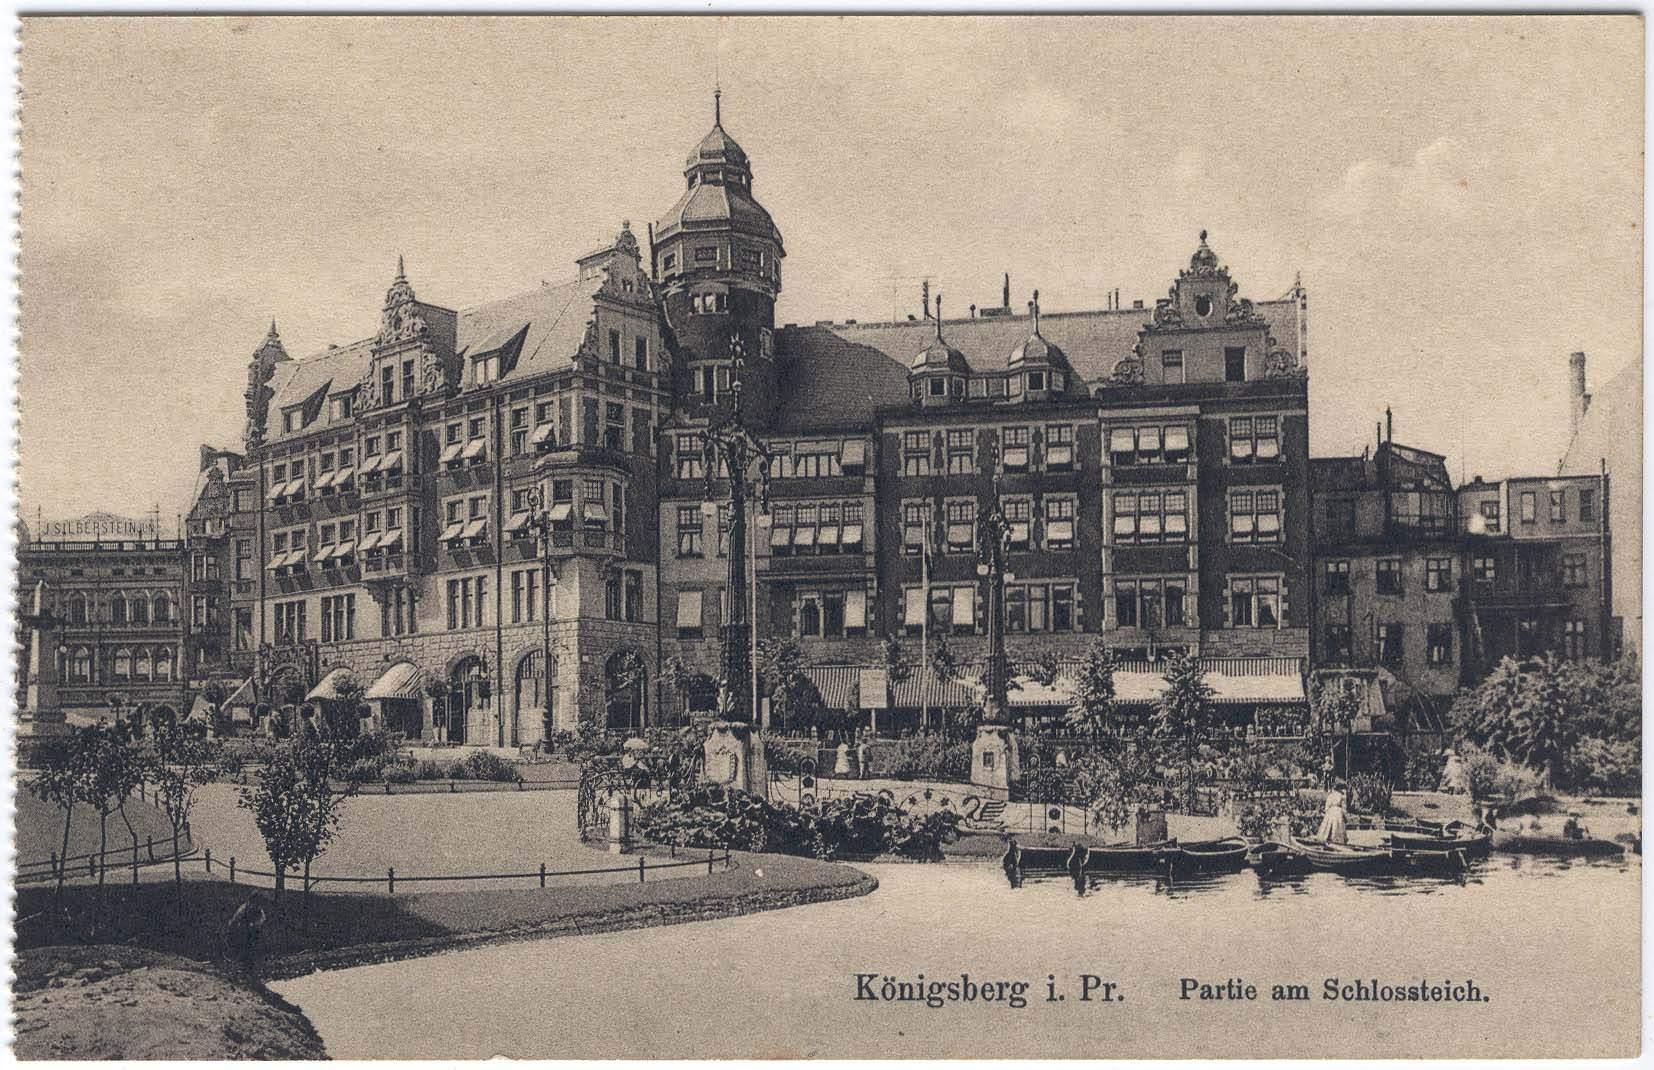 старый калининград картинки португалии можно